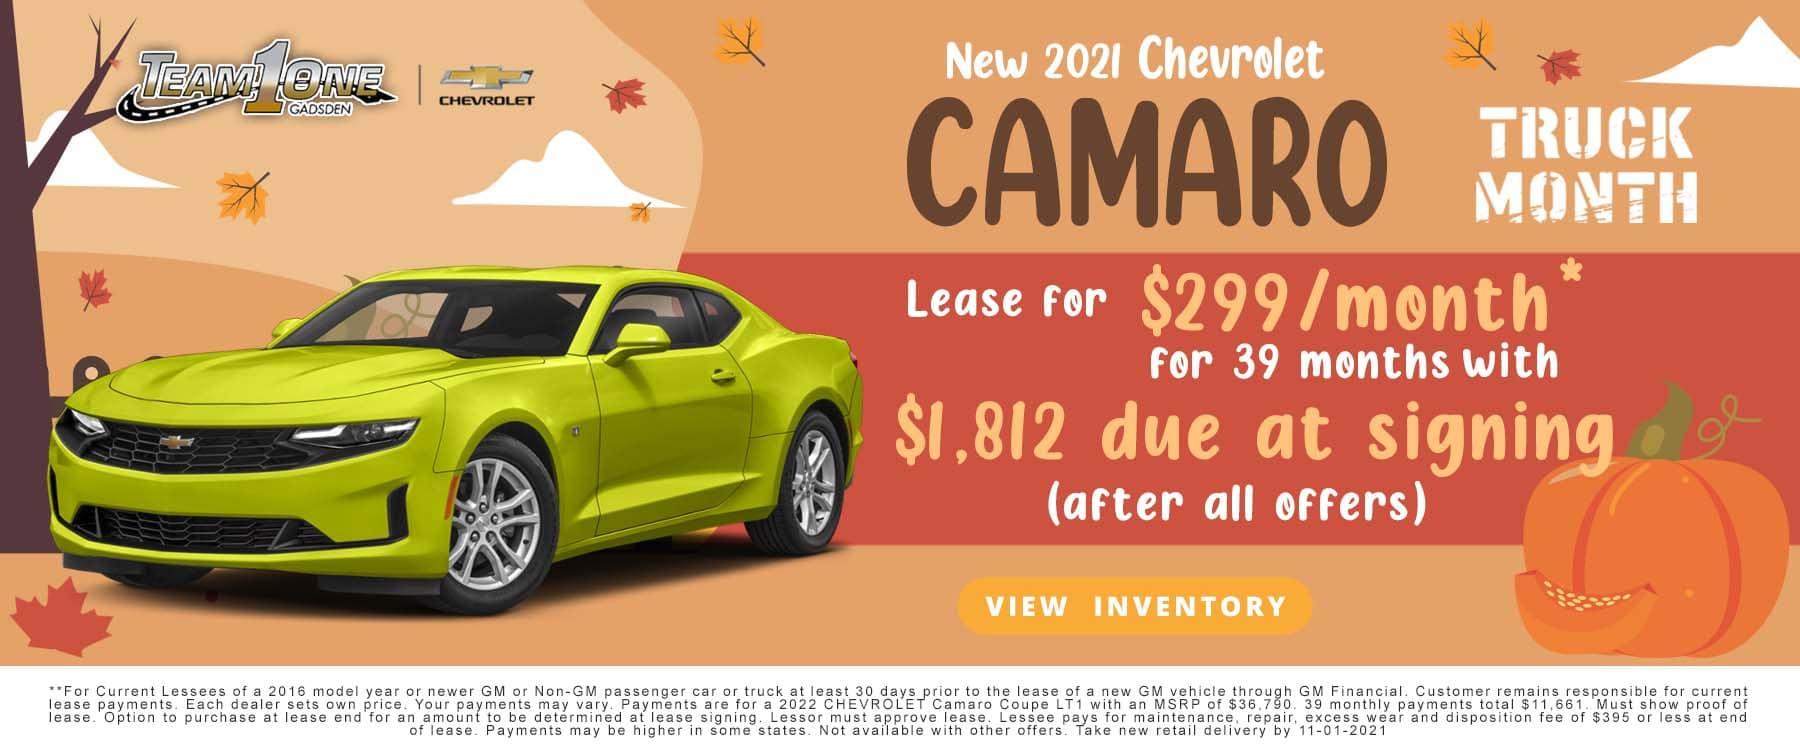 CHGW10250-Camaro